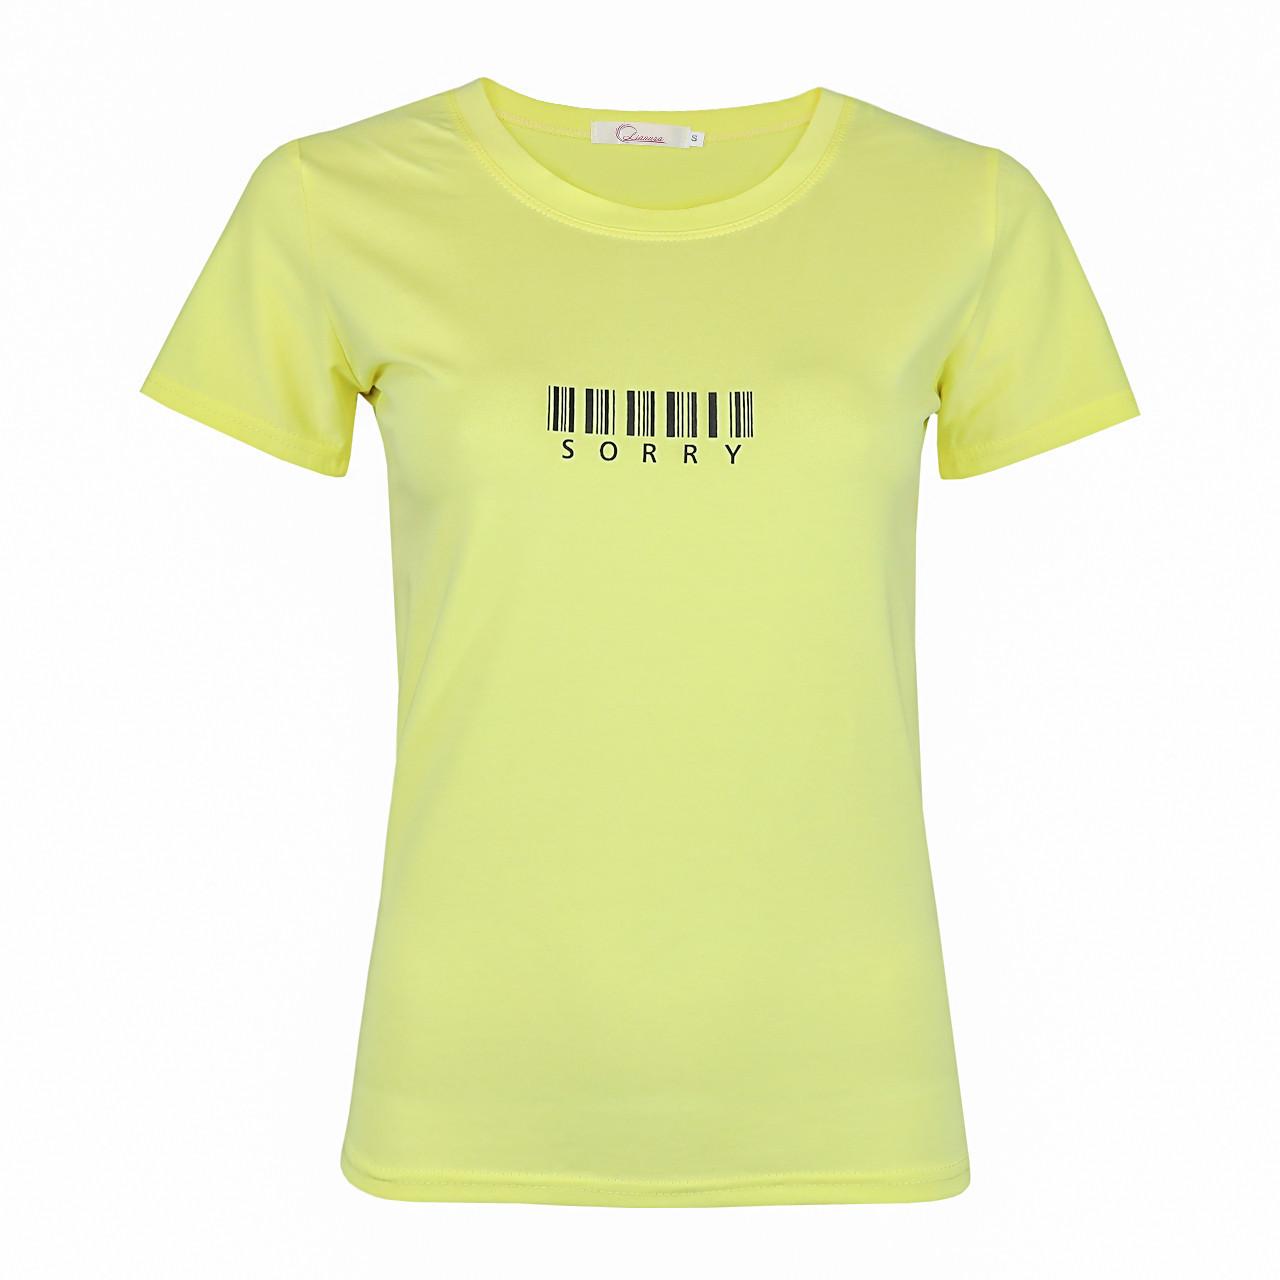 Футболка жіноча жовта бавовна принт Sorry р. S-XL